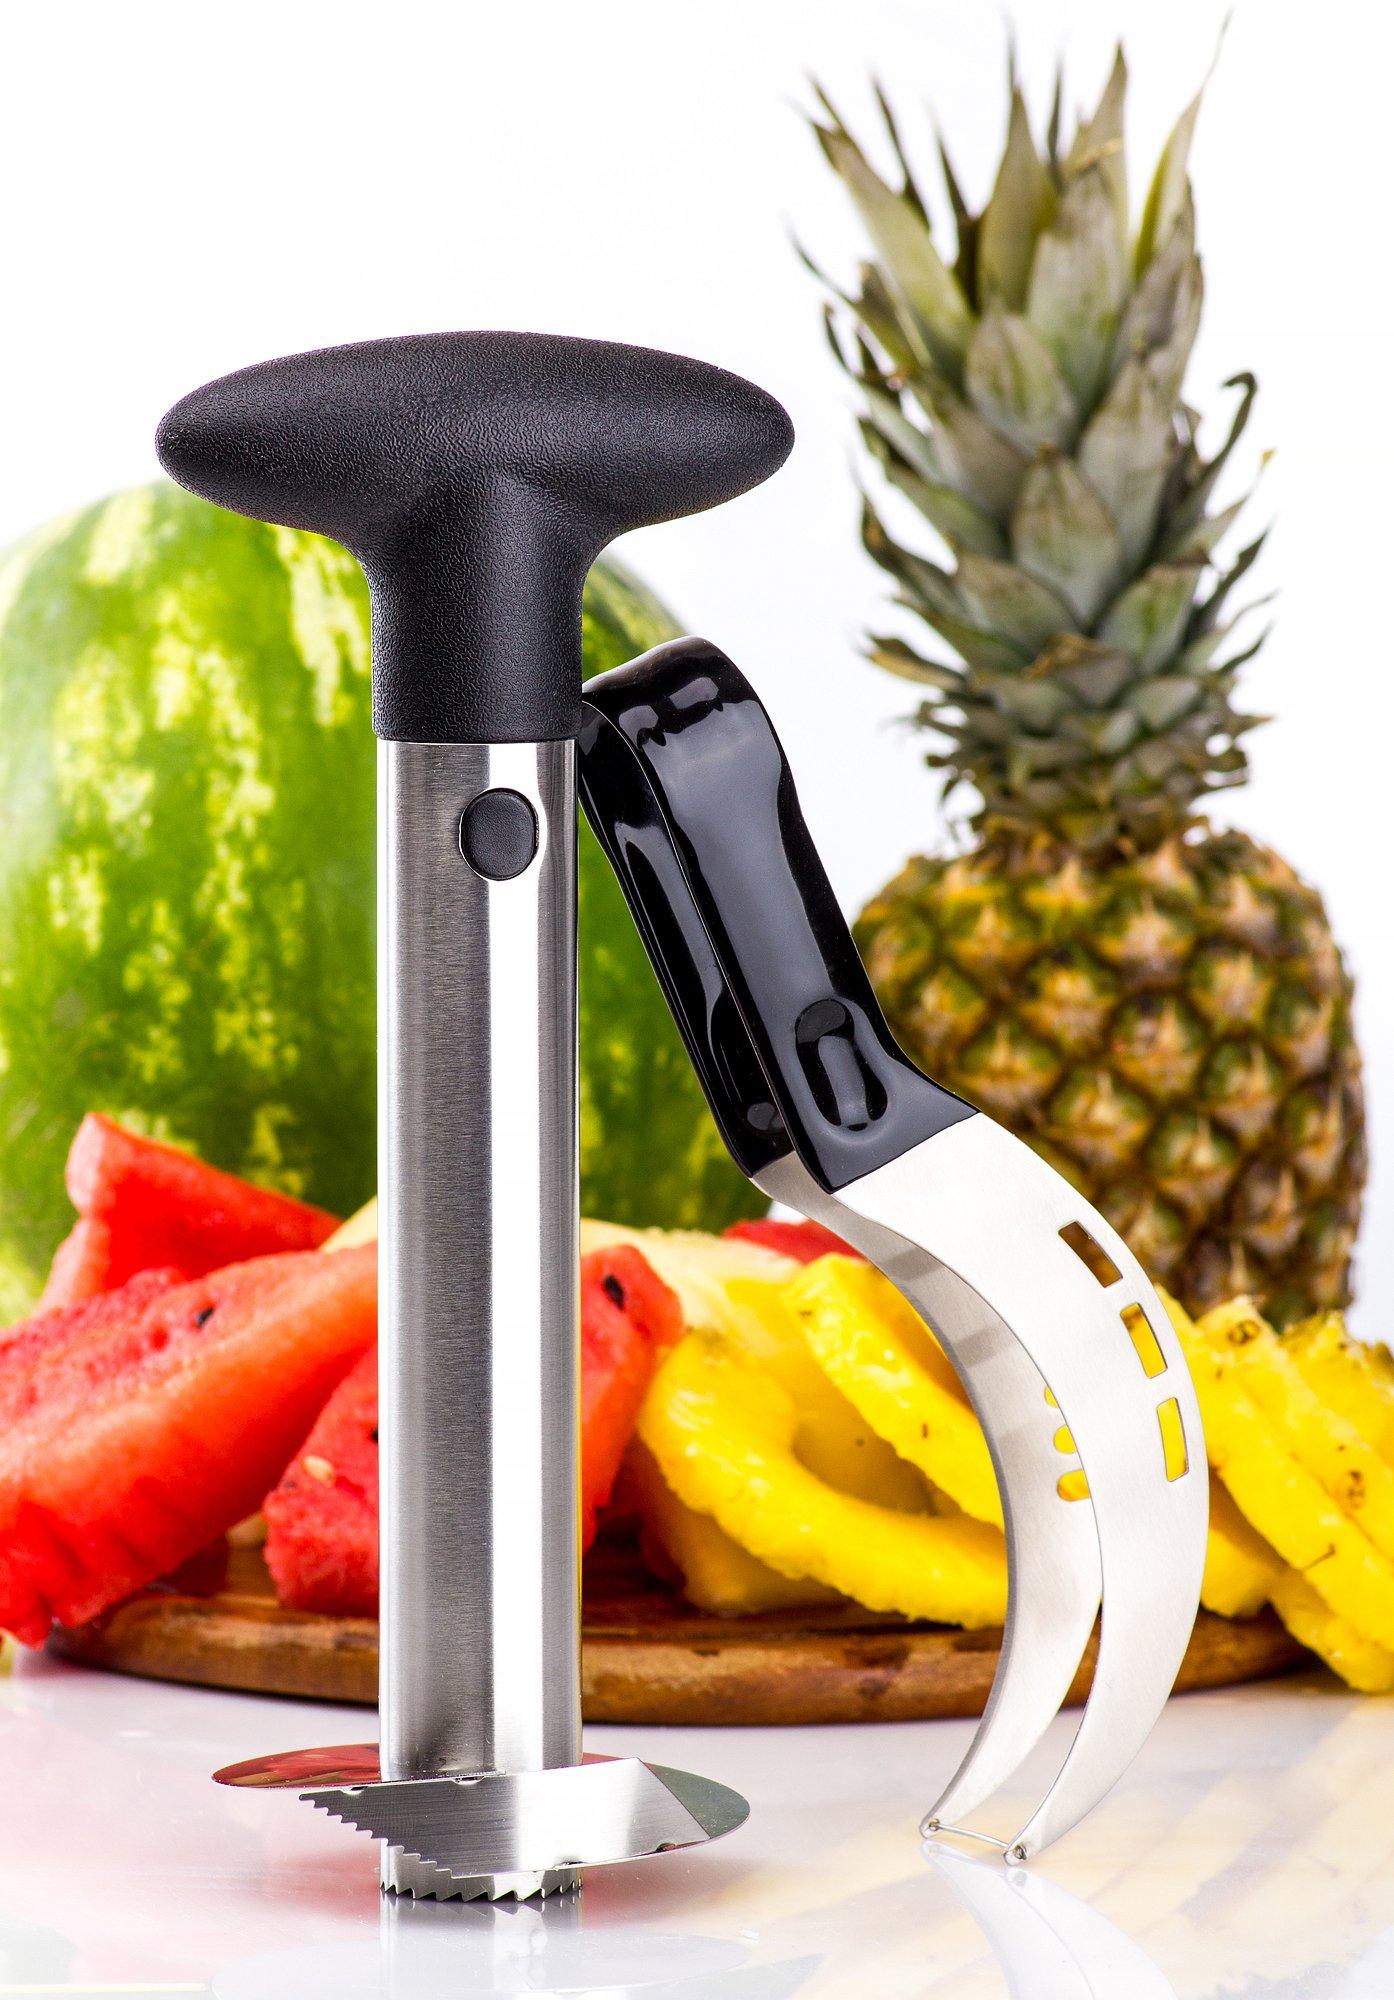 Watermelon slicer plus BONUS Pineapple Slicer, Pie & Cake Slicer, Cutter, Corer & Tongs - 2-in-1Server Knife - Kid Friendly - Premium 430 Stainless Steel - Comfortable & Non Slip Handle